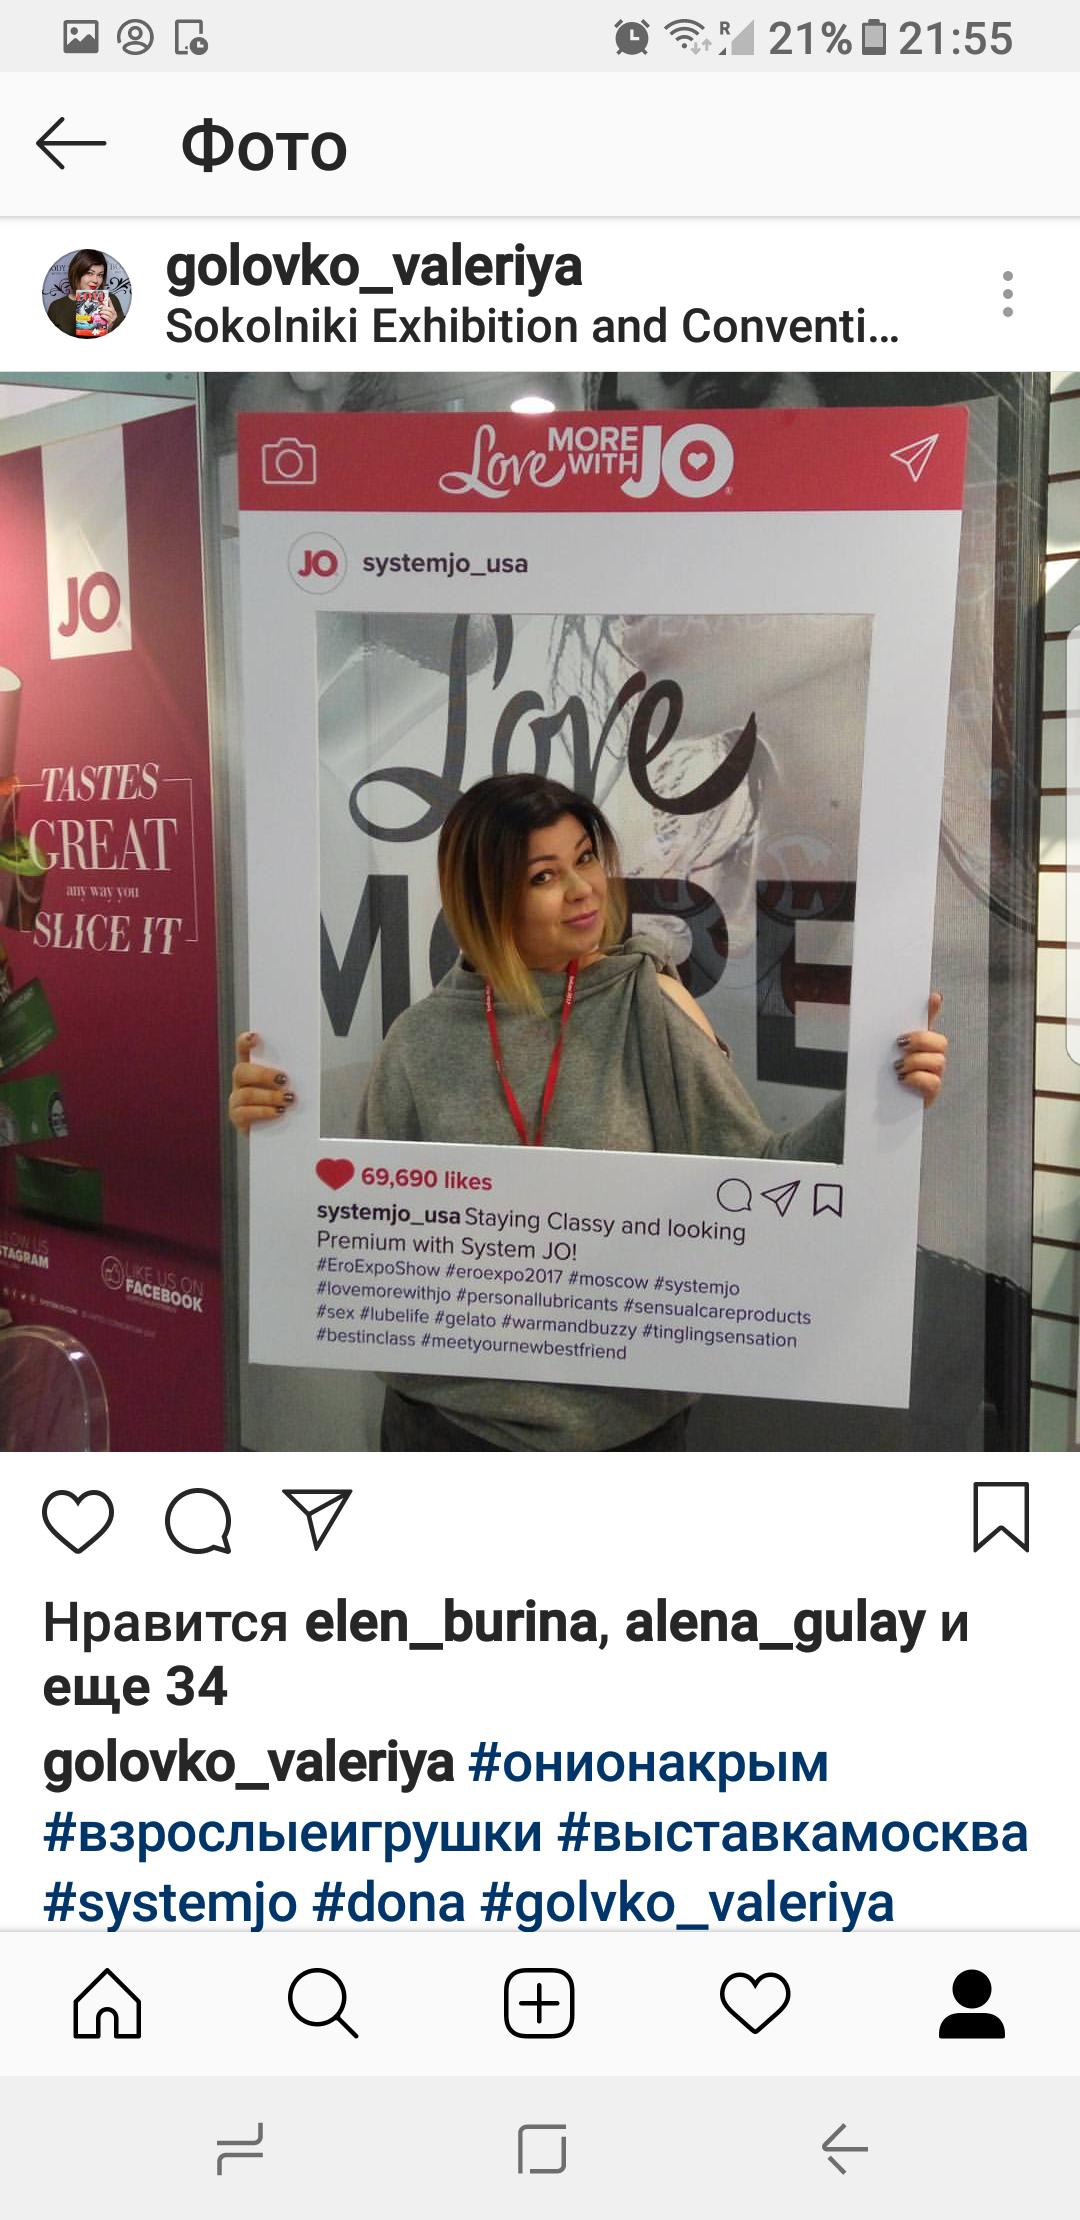 Screenshot_20180914-215526 - Валерия Головко.png